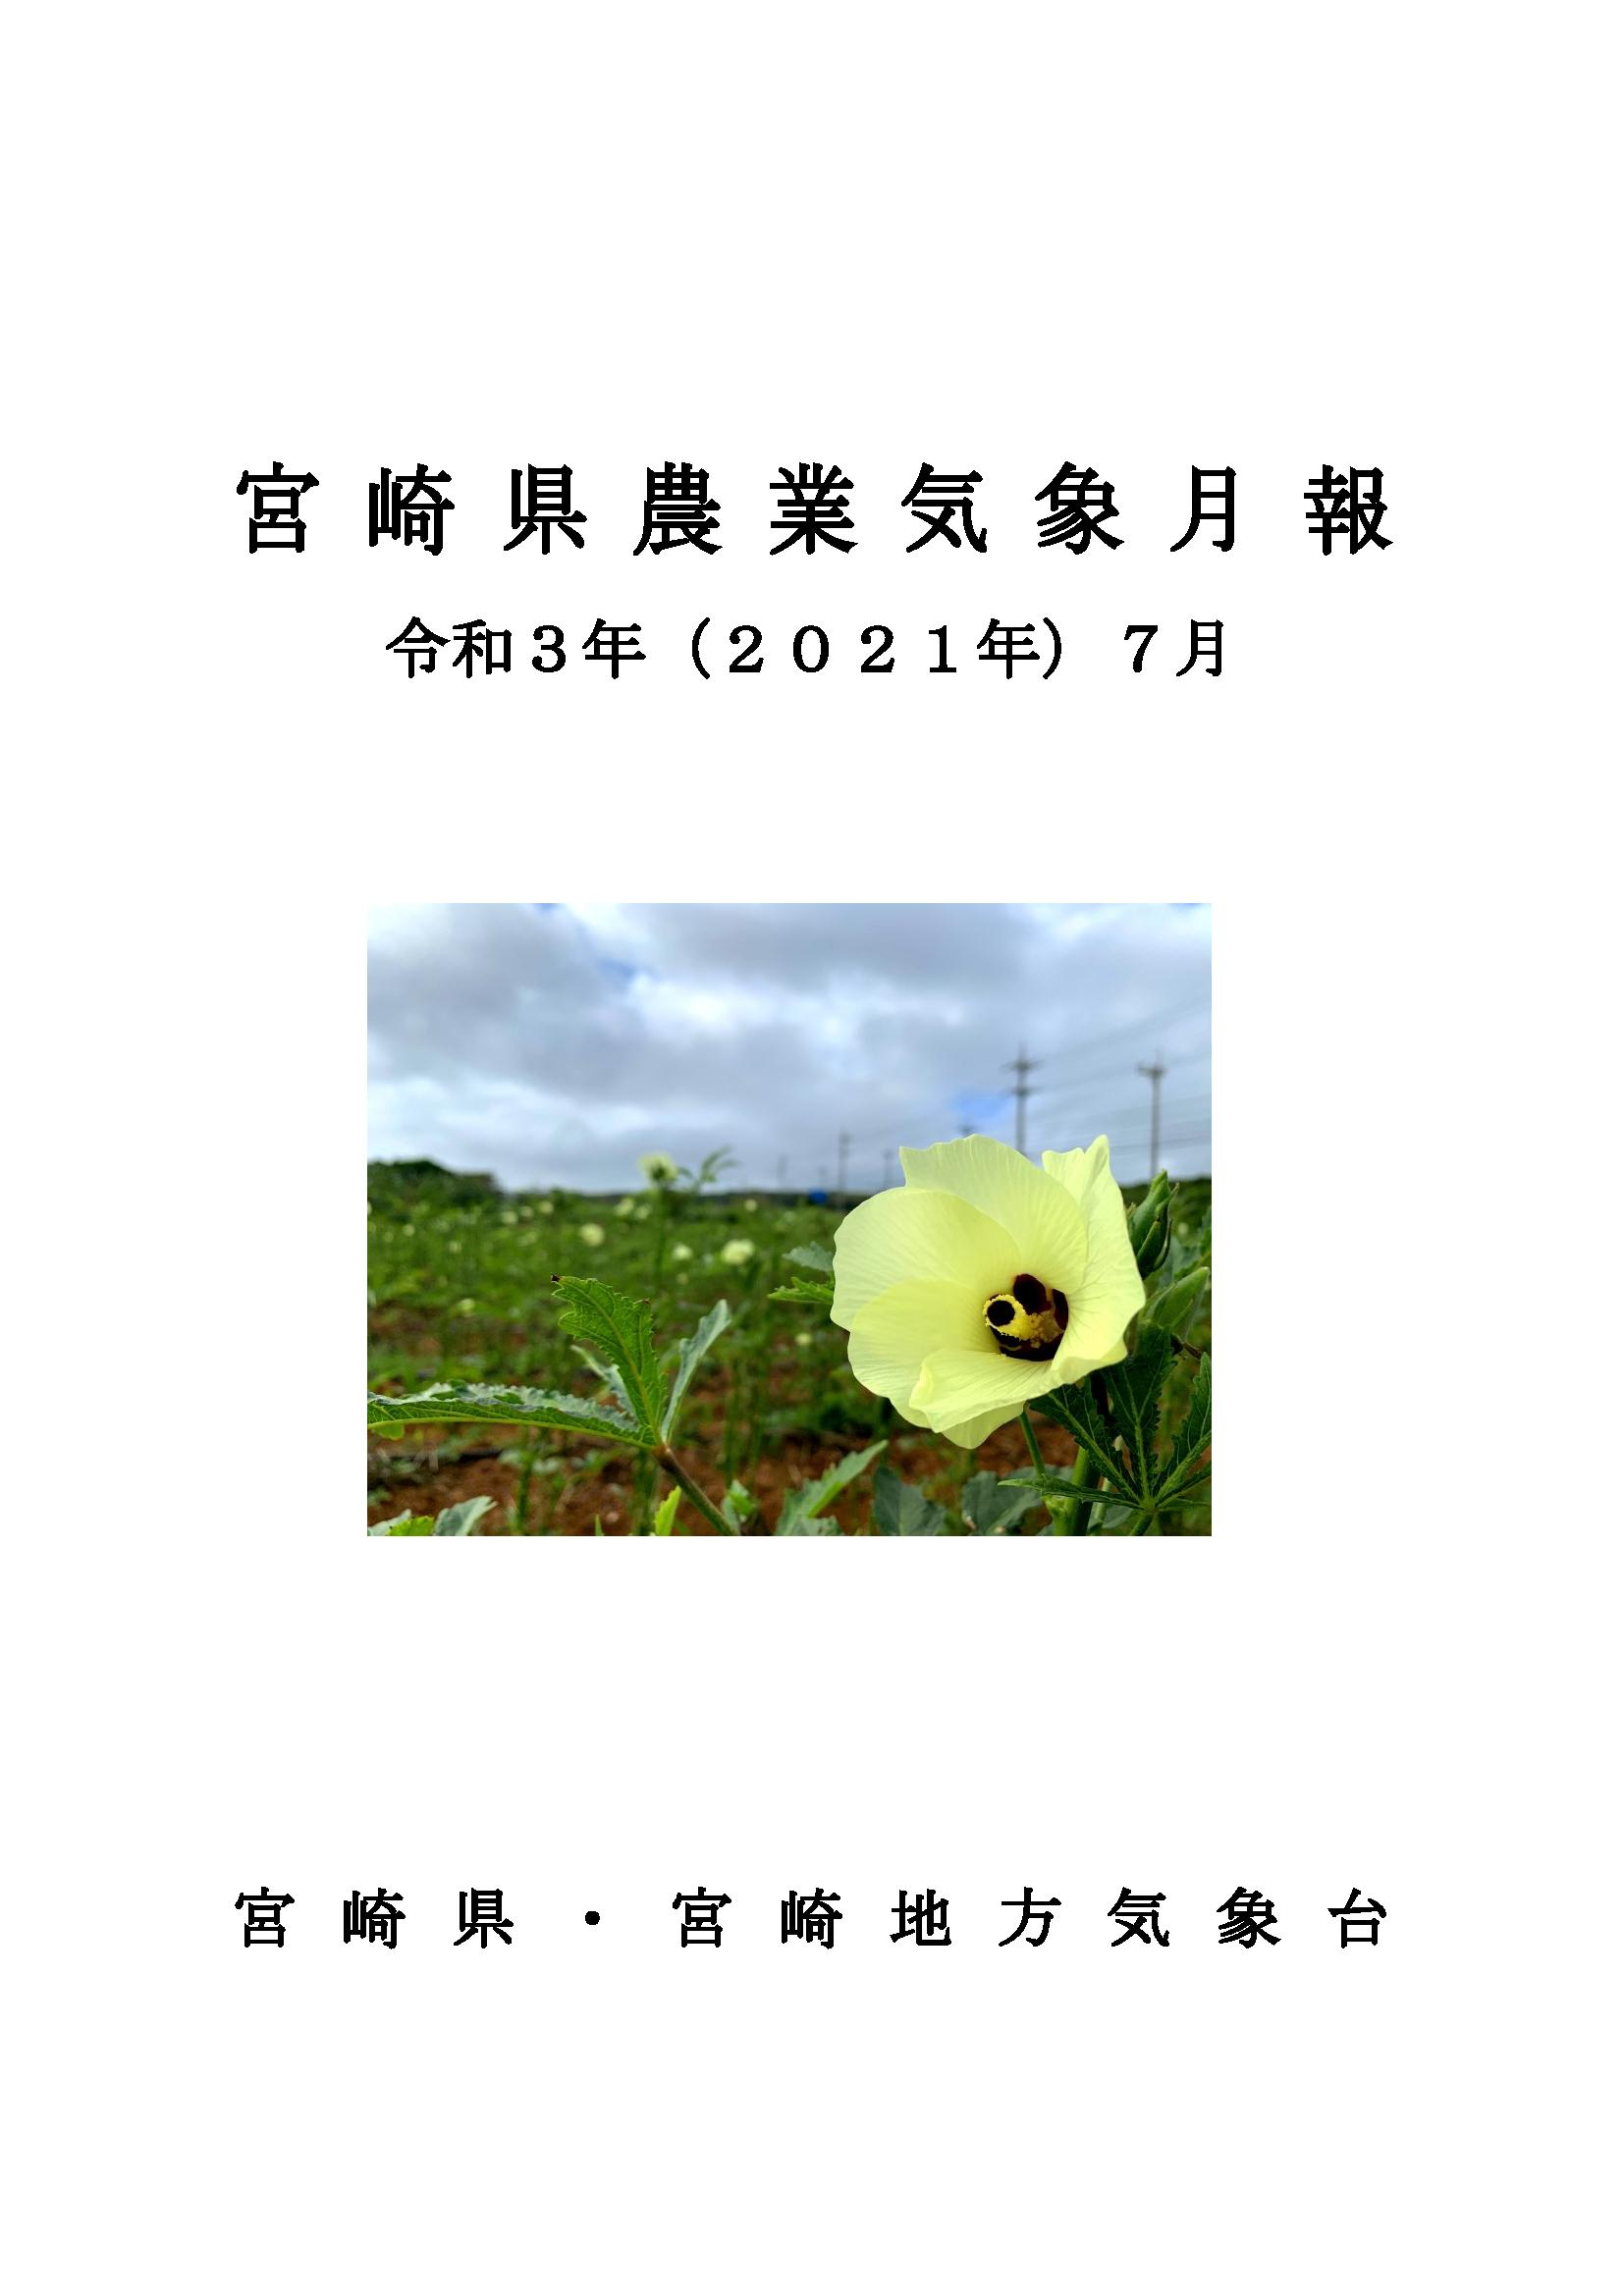 令和3年7月農業気象月報PDF